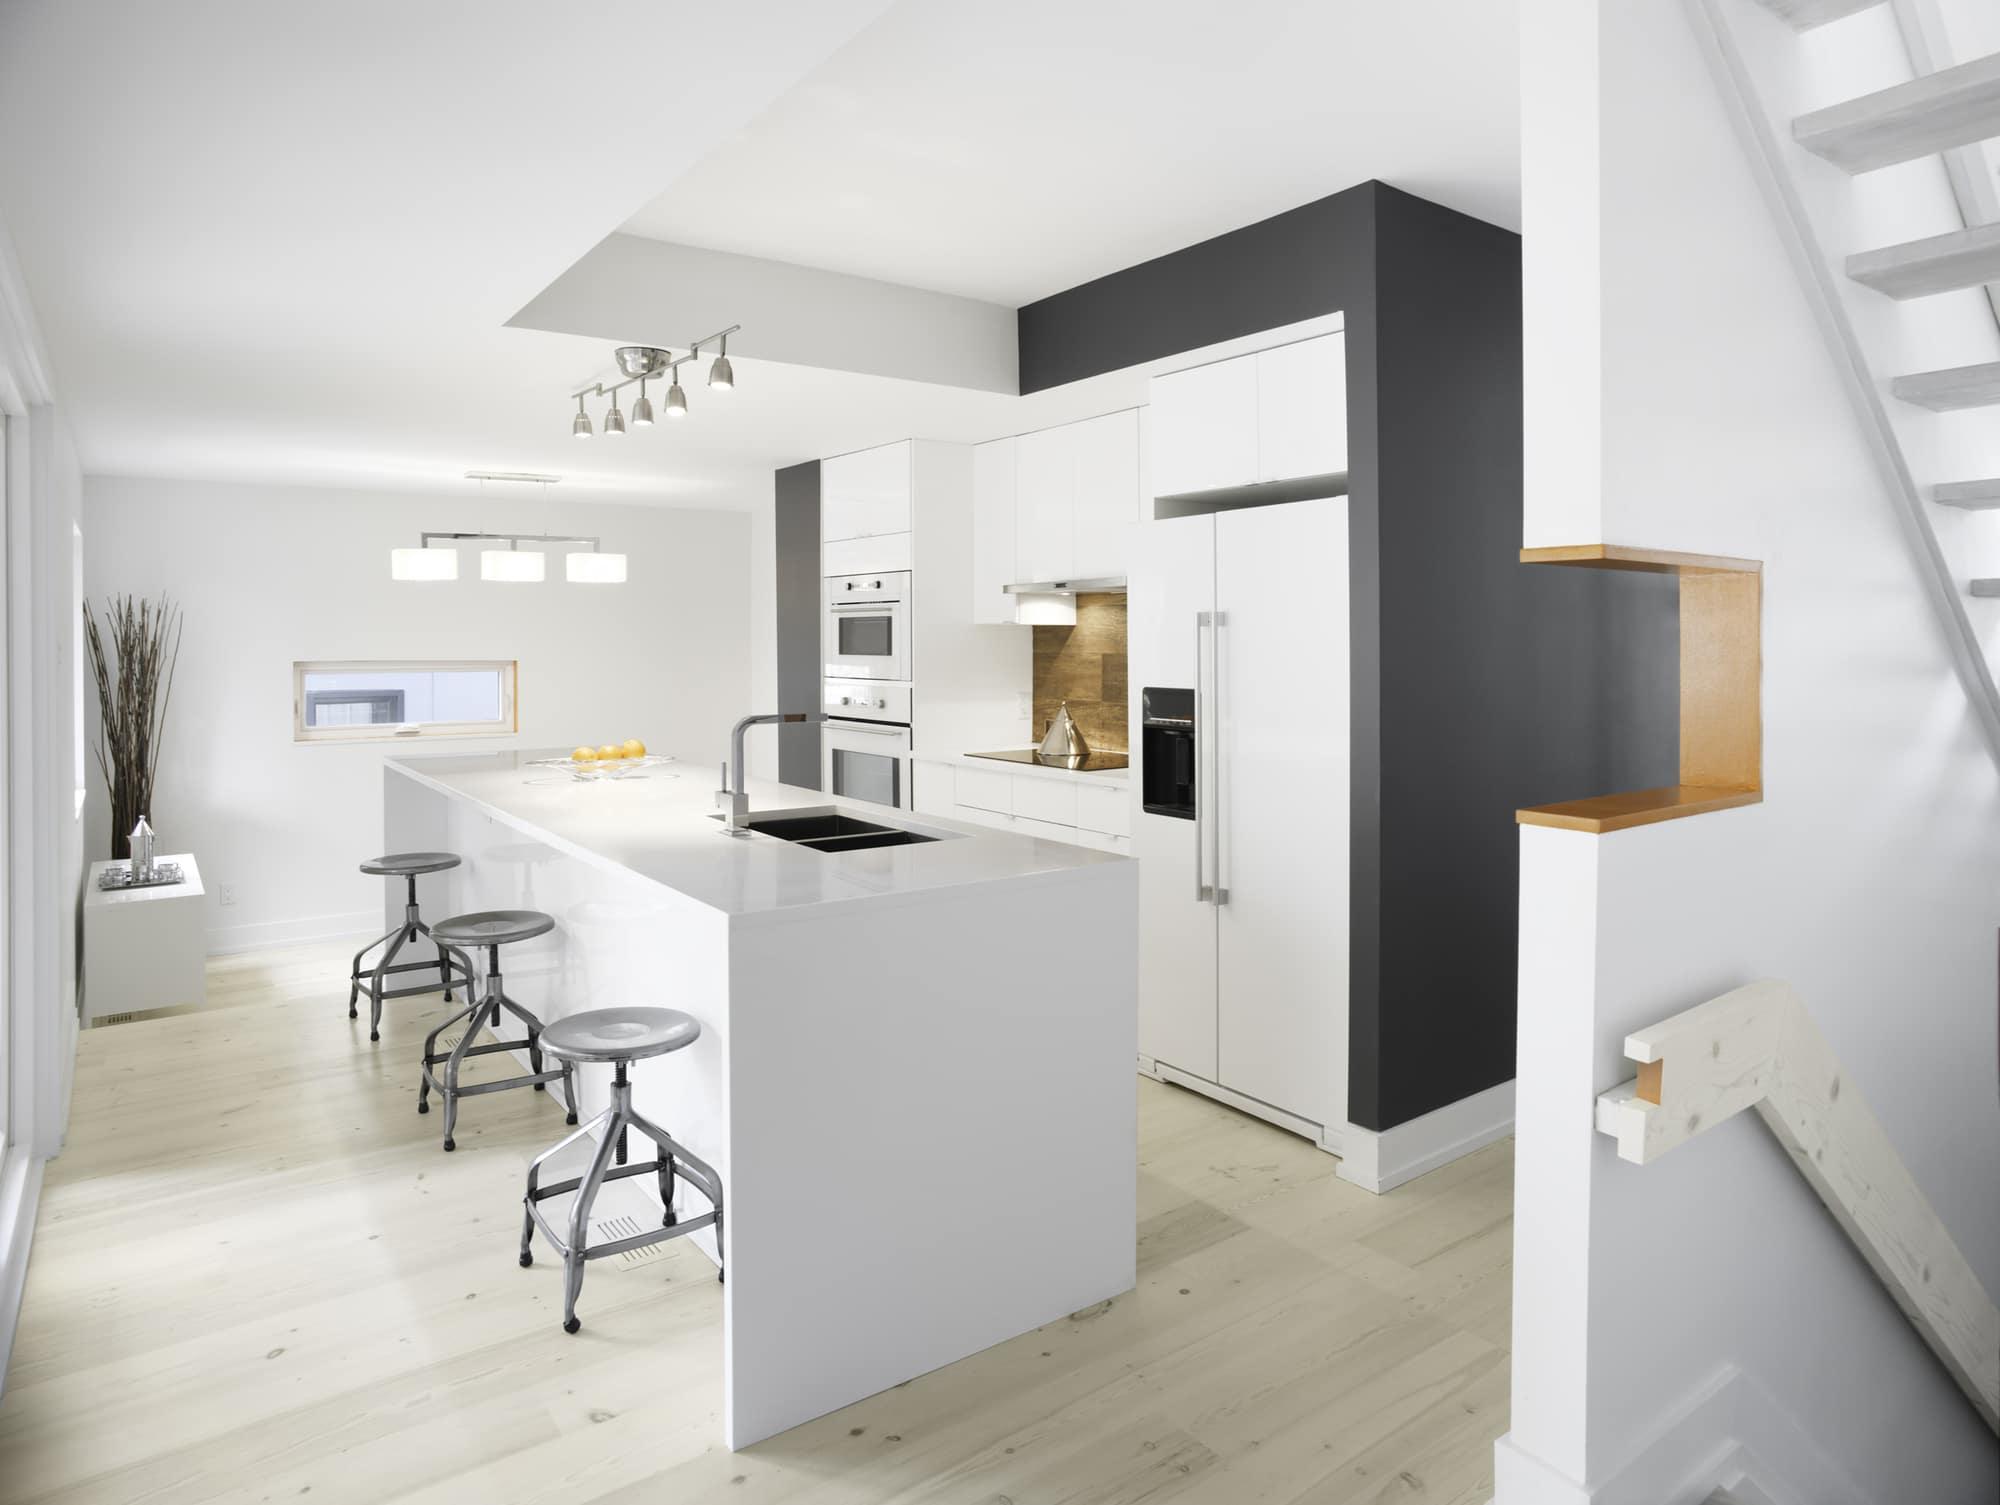 Casa con fachada met lica y construcci n ligera - Casas diseno moderno ...